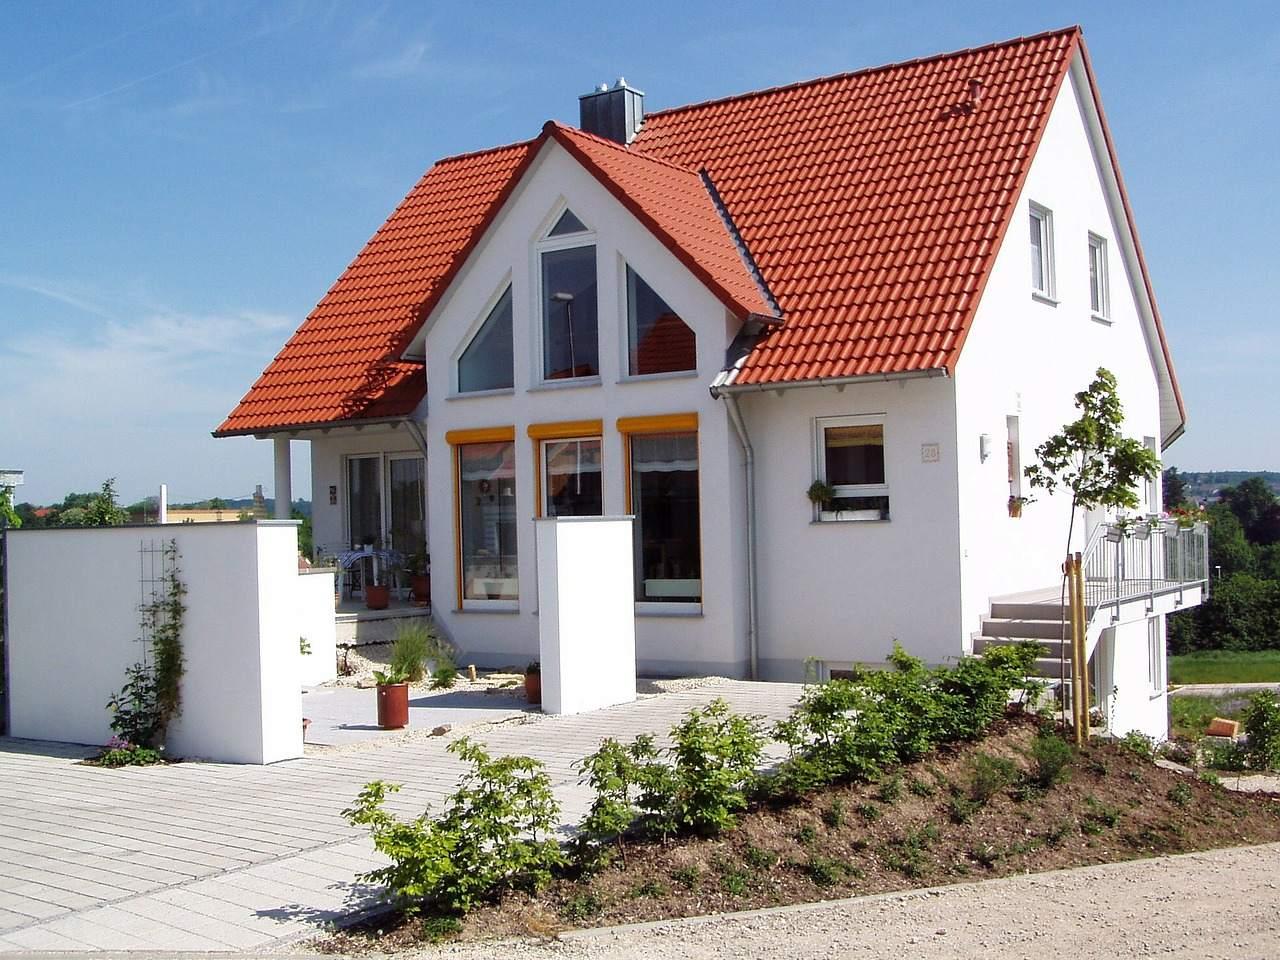 Beispielbild für Einfamilienhaus - Boom bei Immobilien läuft auf Hochtouren